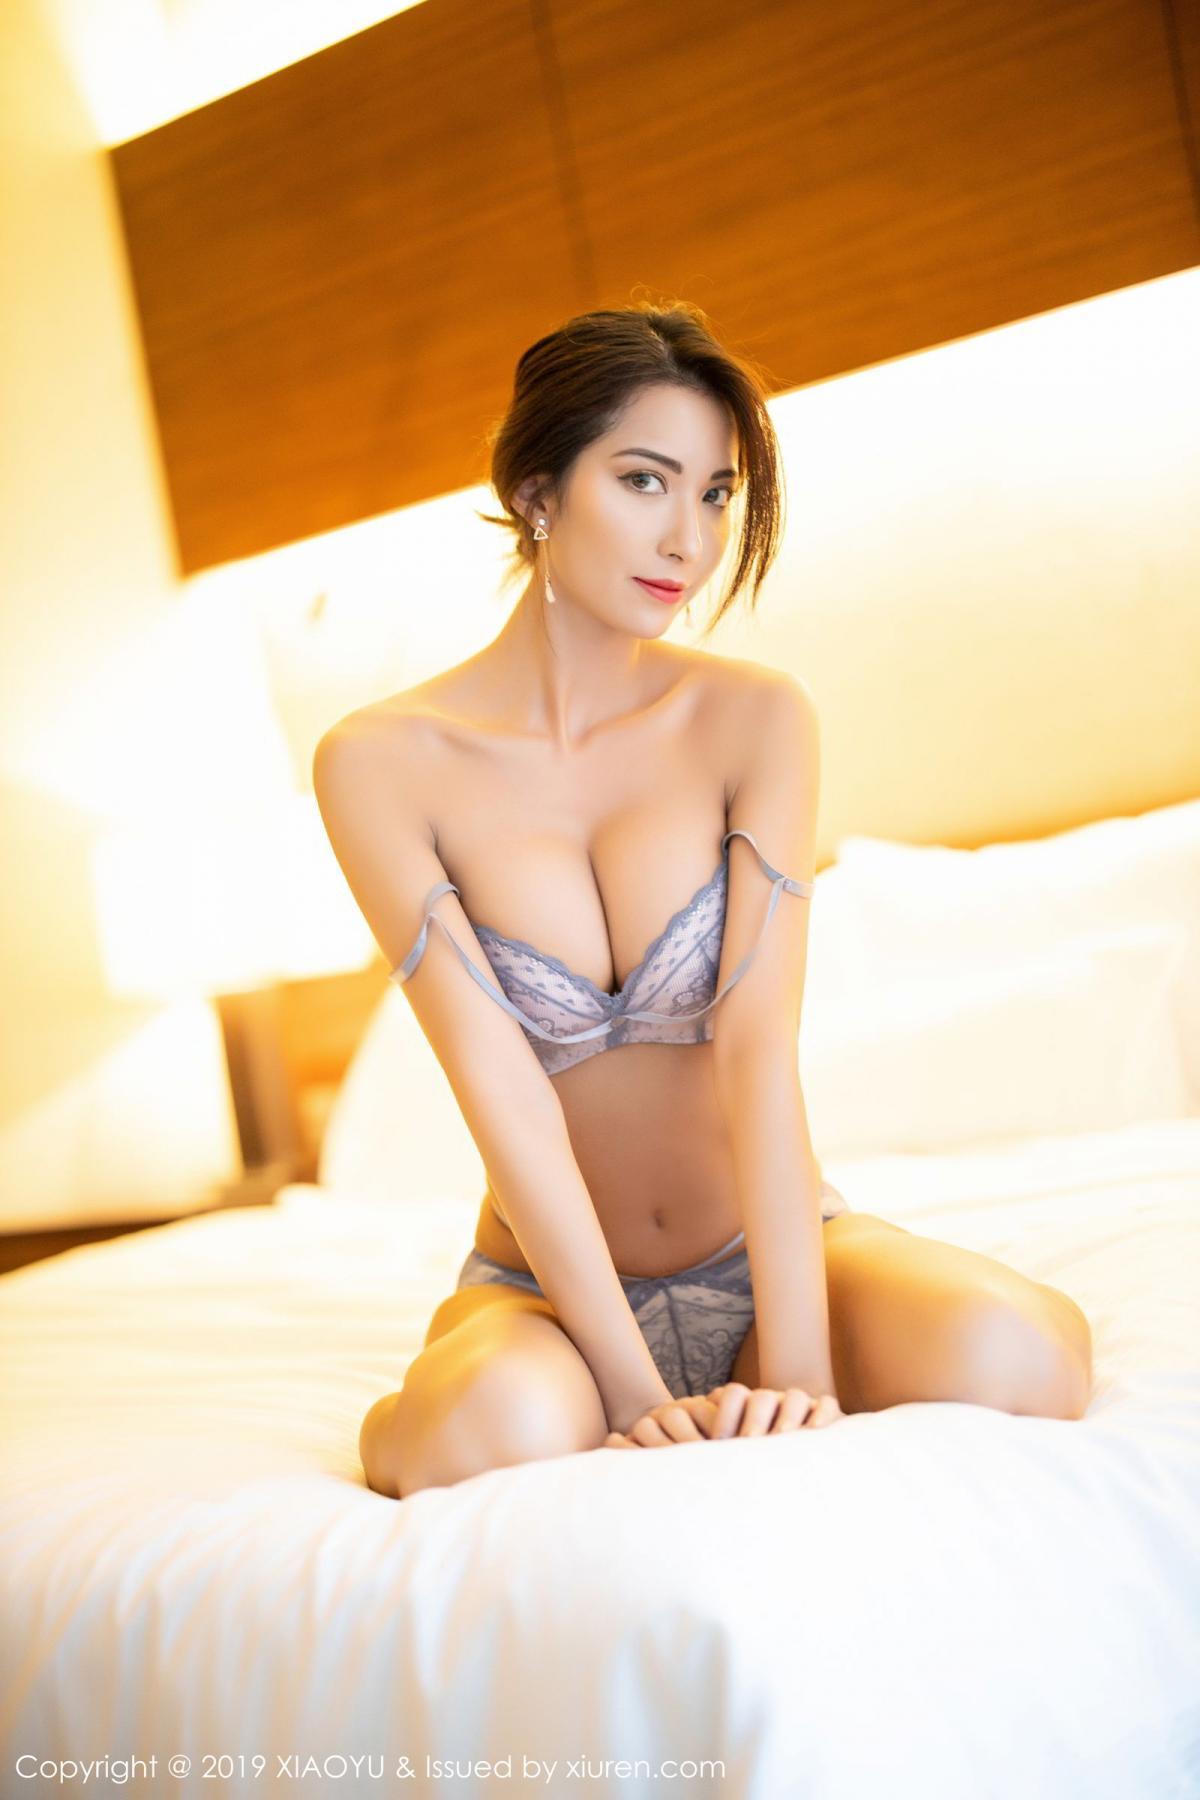 [XiaoYu] Vol.196 Chen Liang Ling 79P, Chen Liang Ling, Cheongsam, Temperament, Underwear, XiaoYu